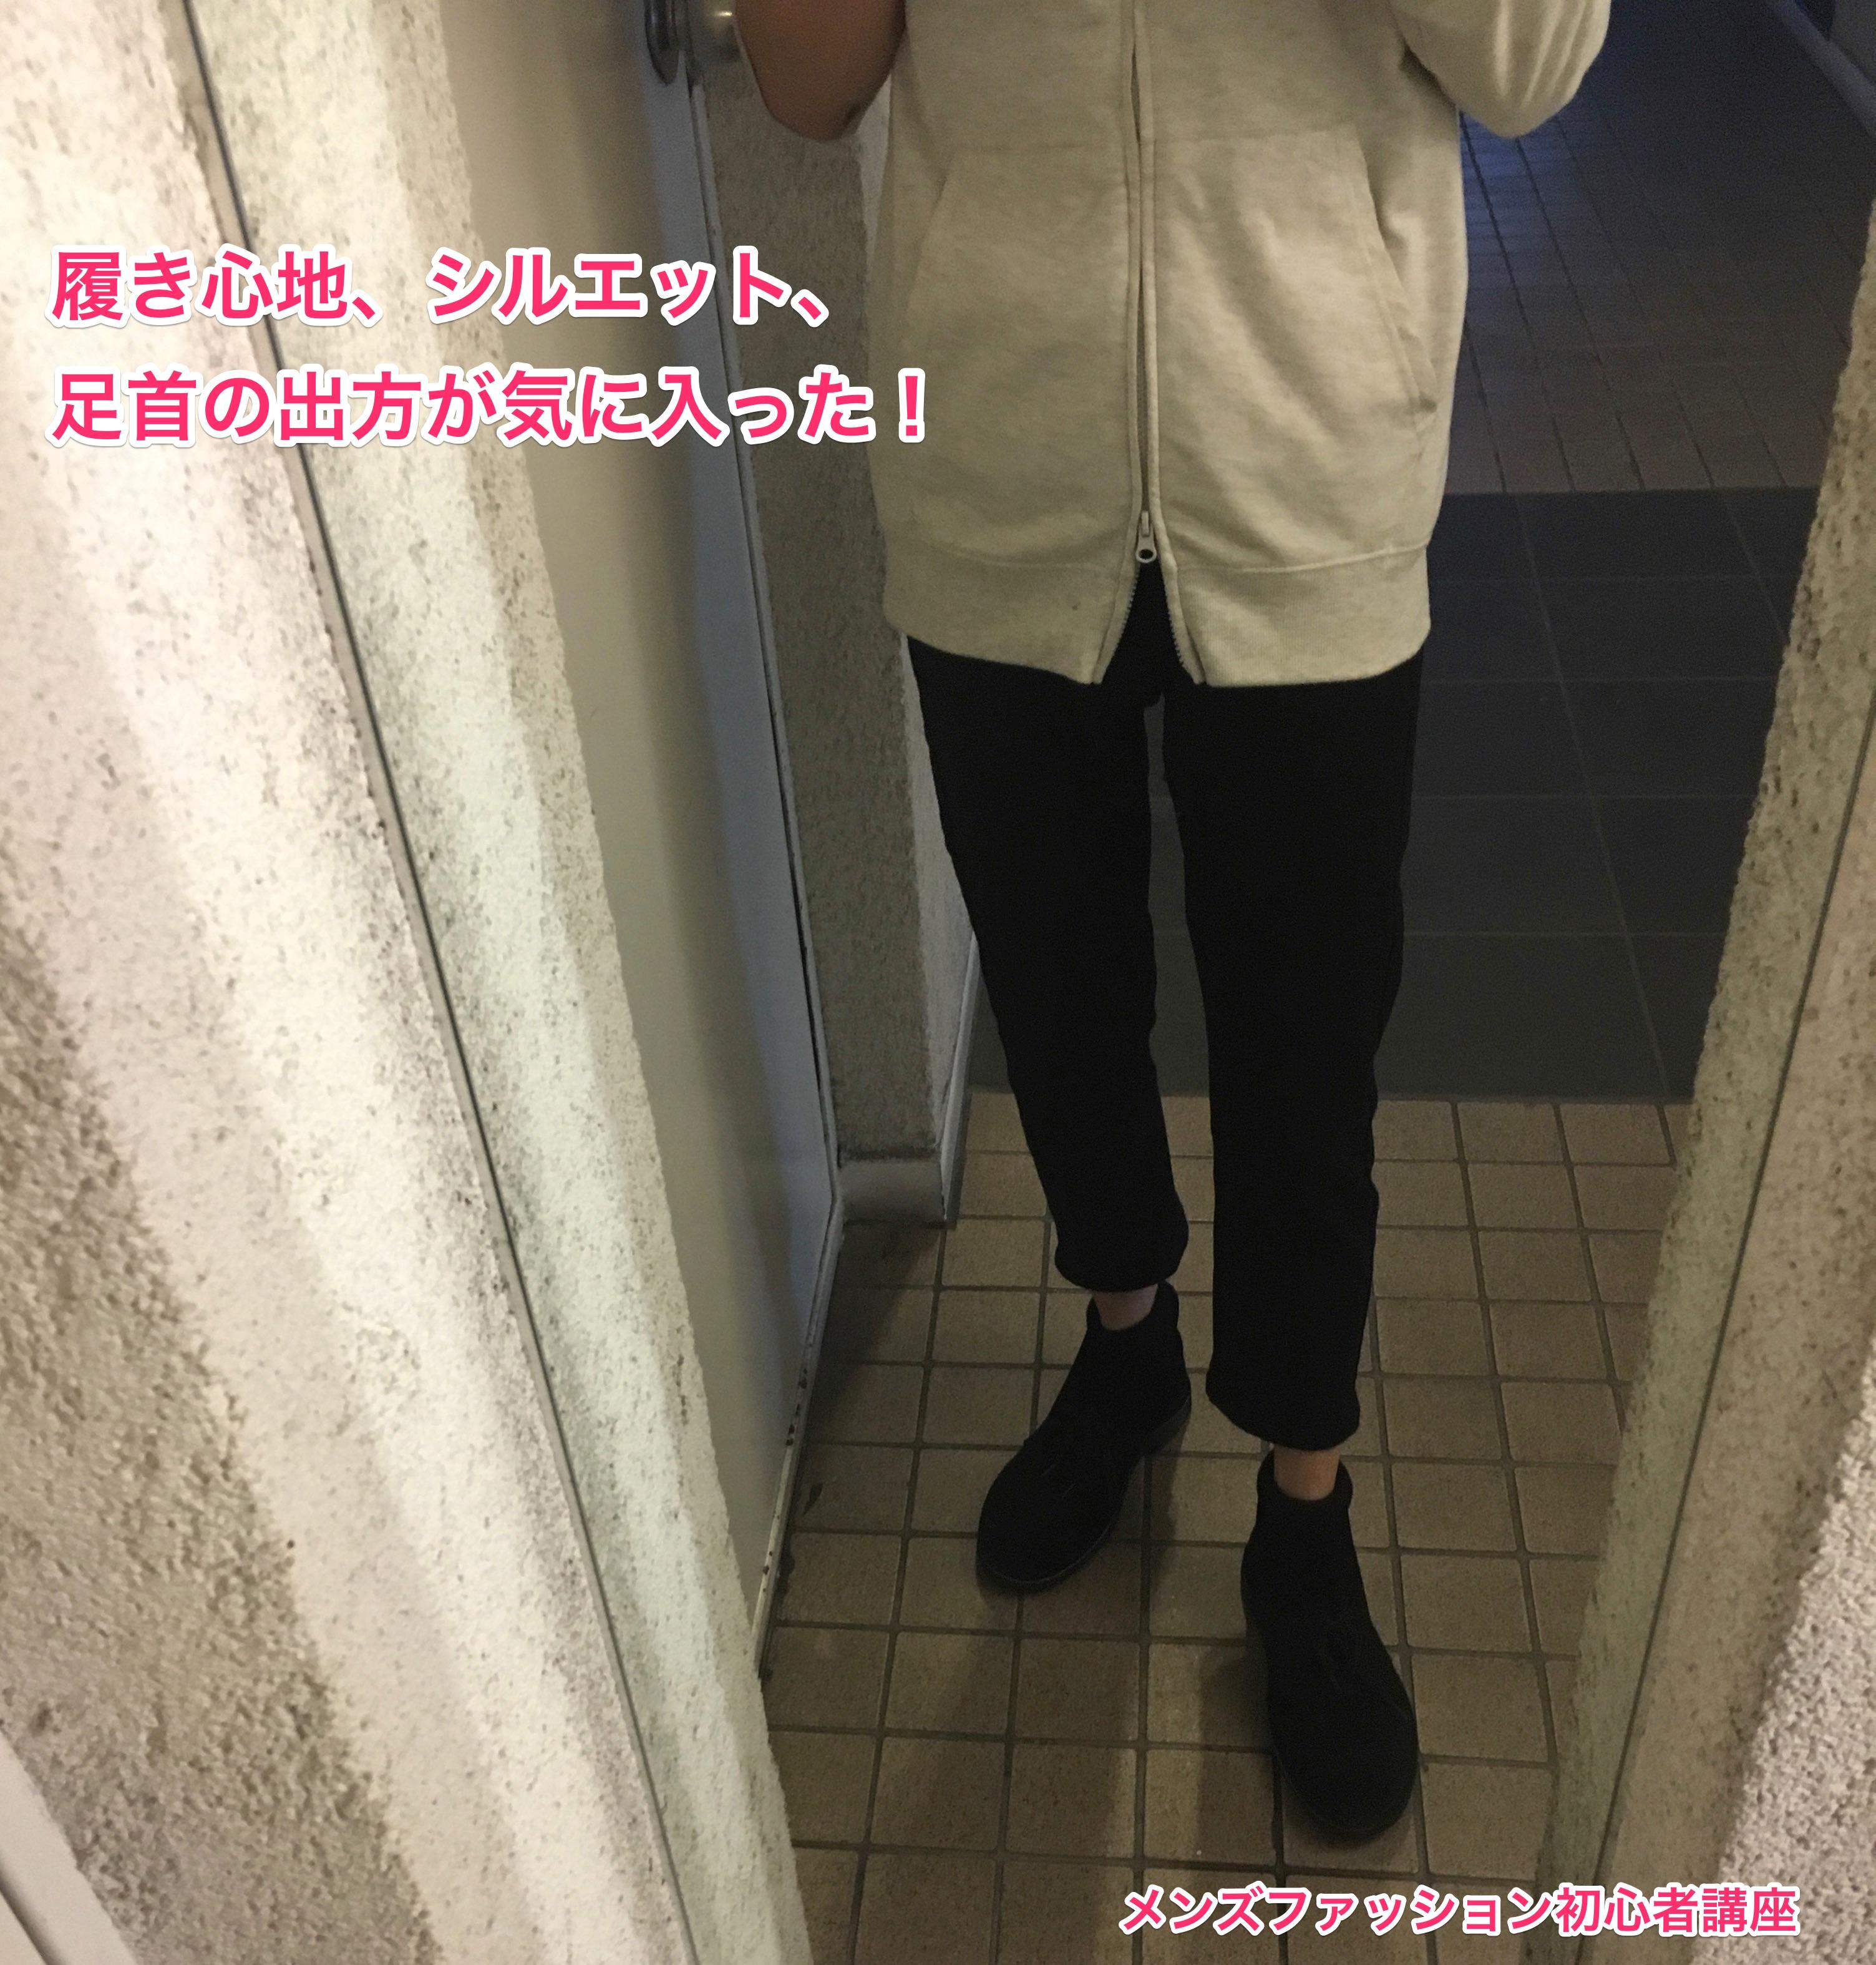 メンズファッションプラス アンクルパンツ3